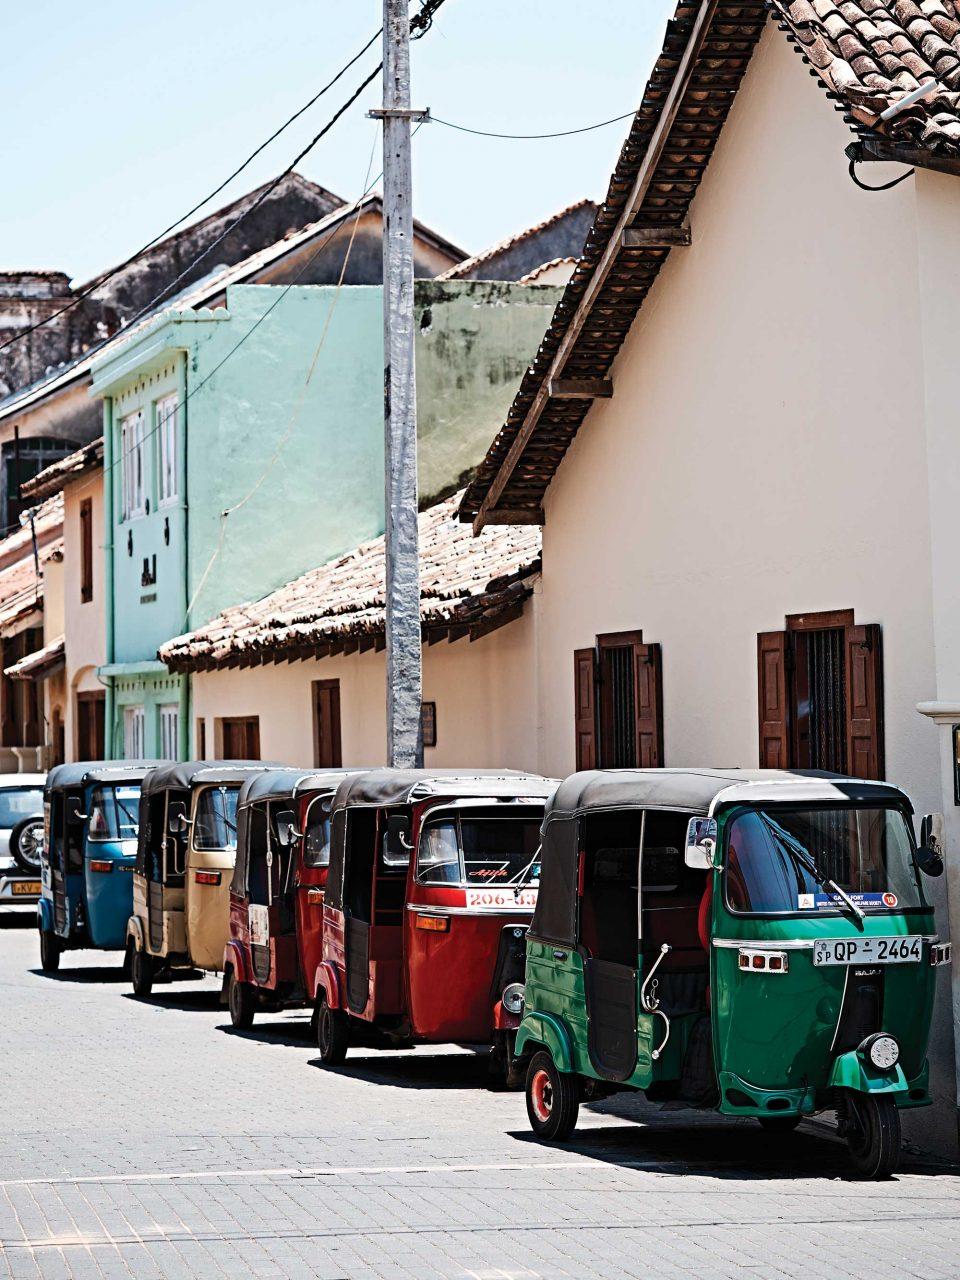 색색의 툭툭은 스리랑카 어디를 가도 발견할 수 있다. 물론 갈레에서도 중요한 교통수단이다. © 김재욱